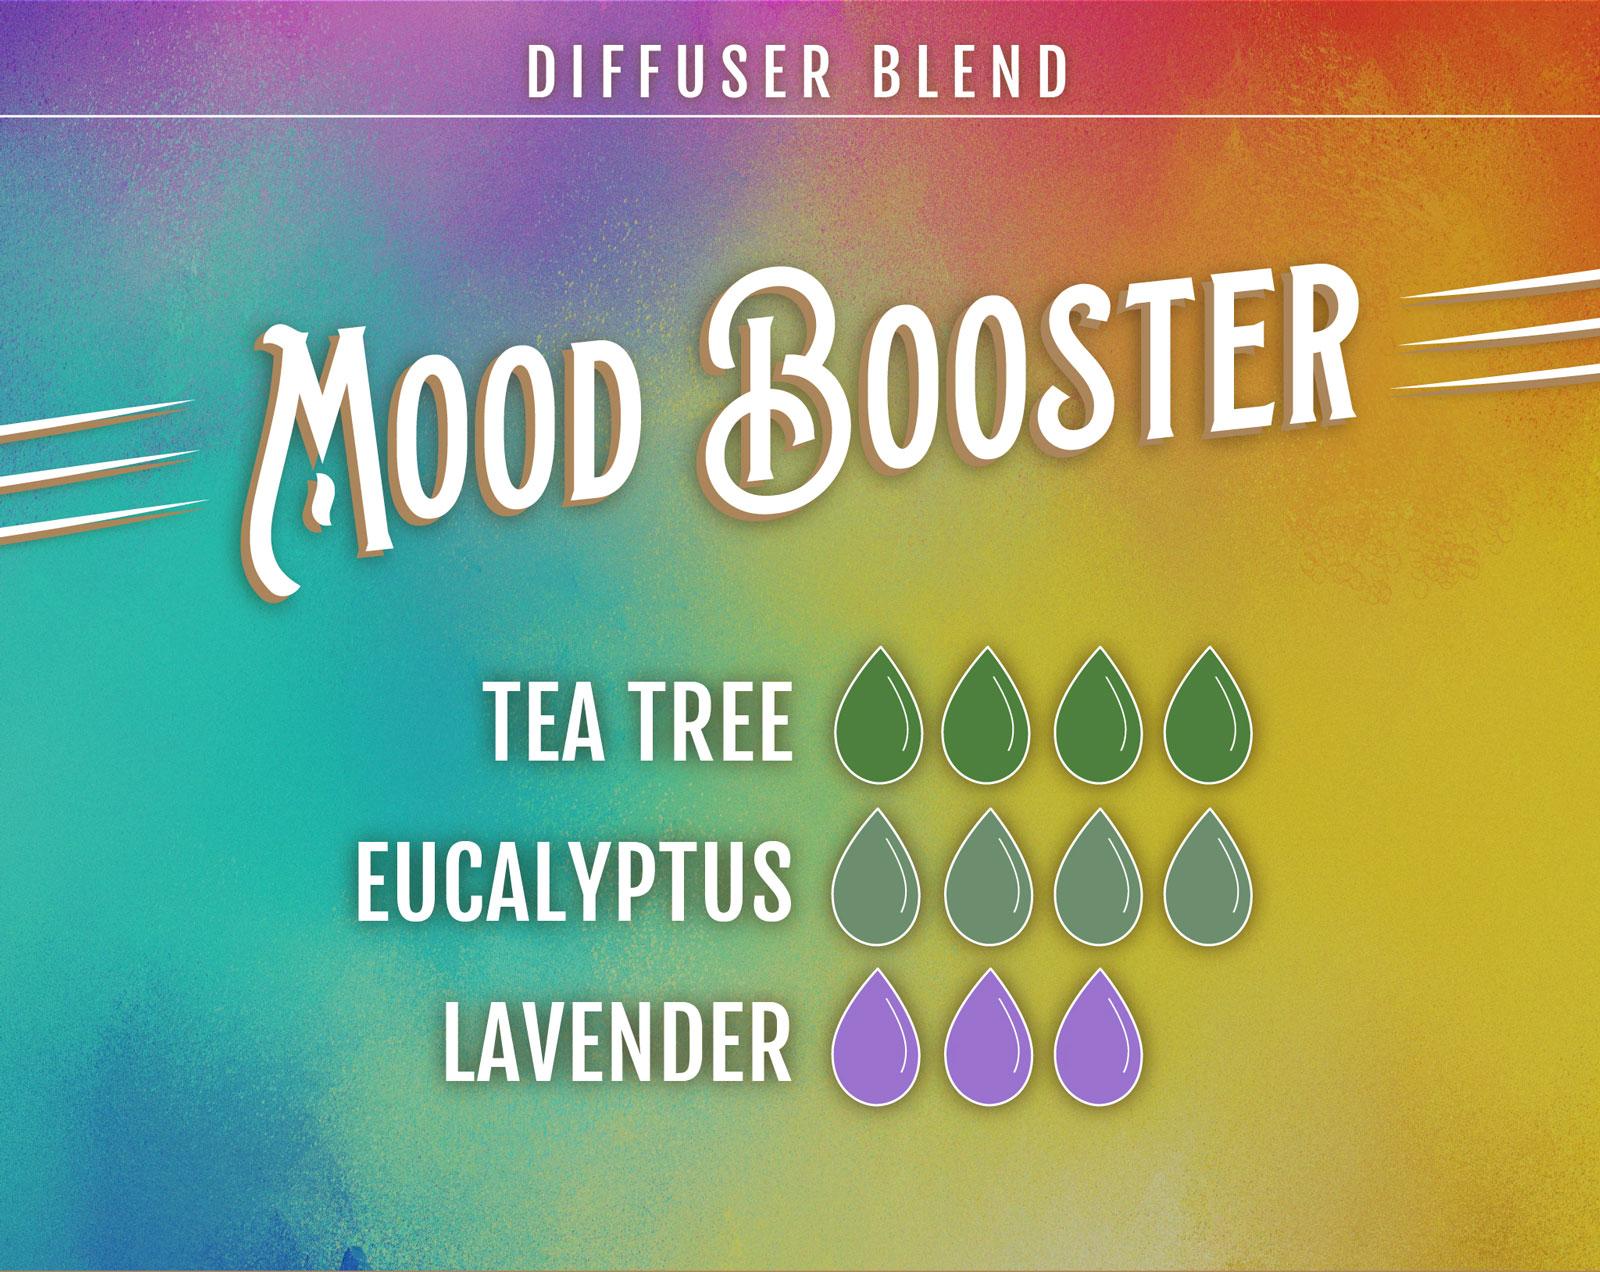 Tea Tree Essential Oil Diffuser Blend V Mood Booster - 4 drops Tea Tree 4 drops Eucalyptus 3 drops Lavender